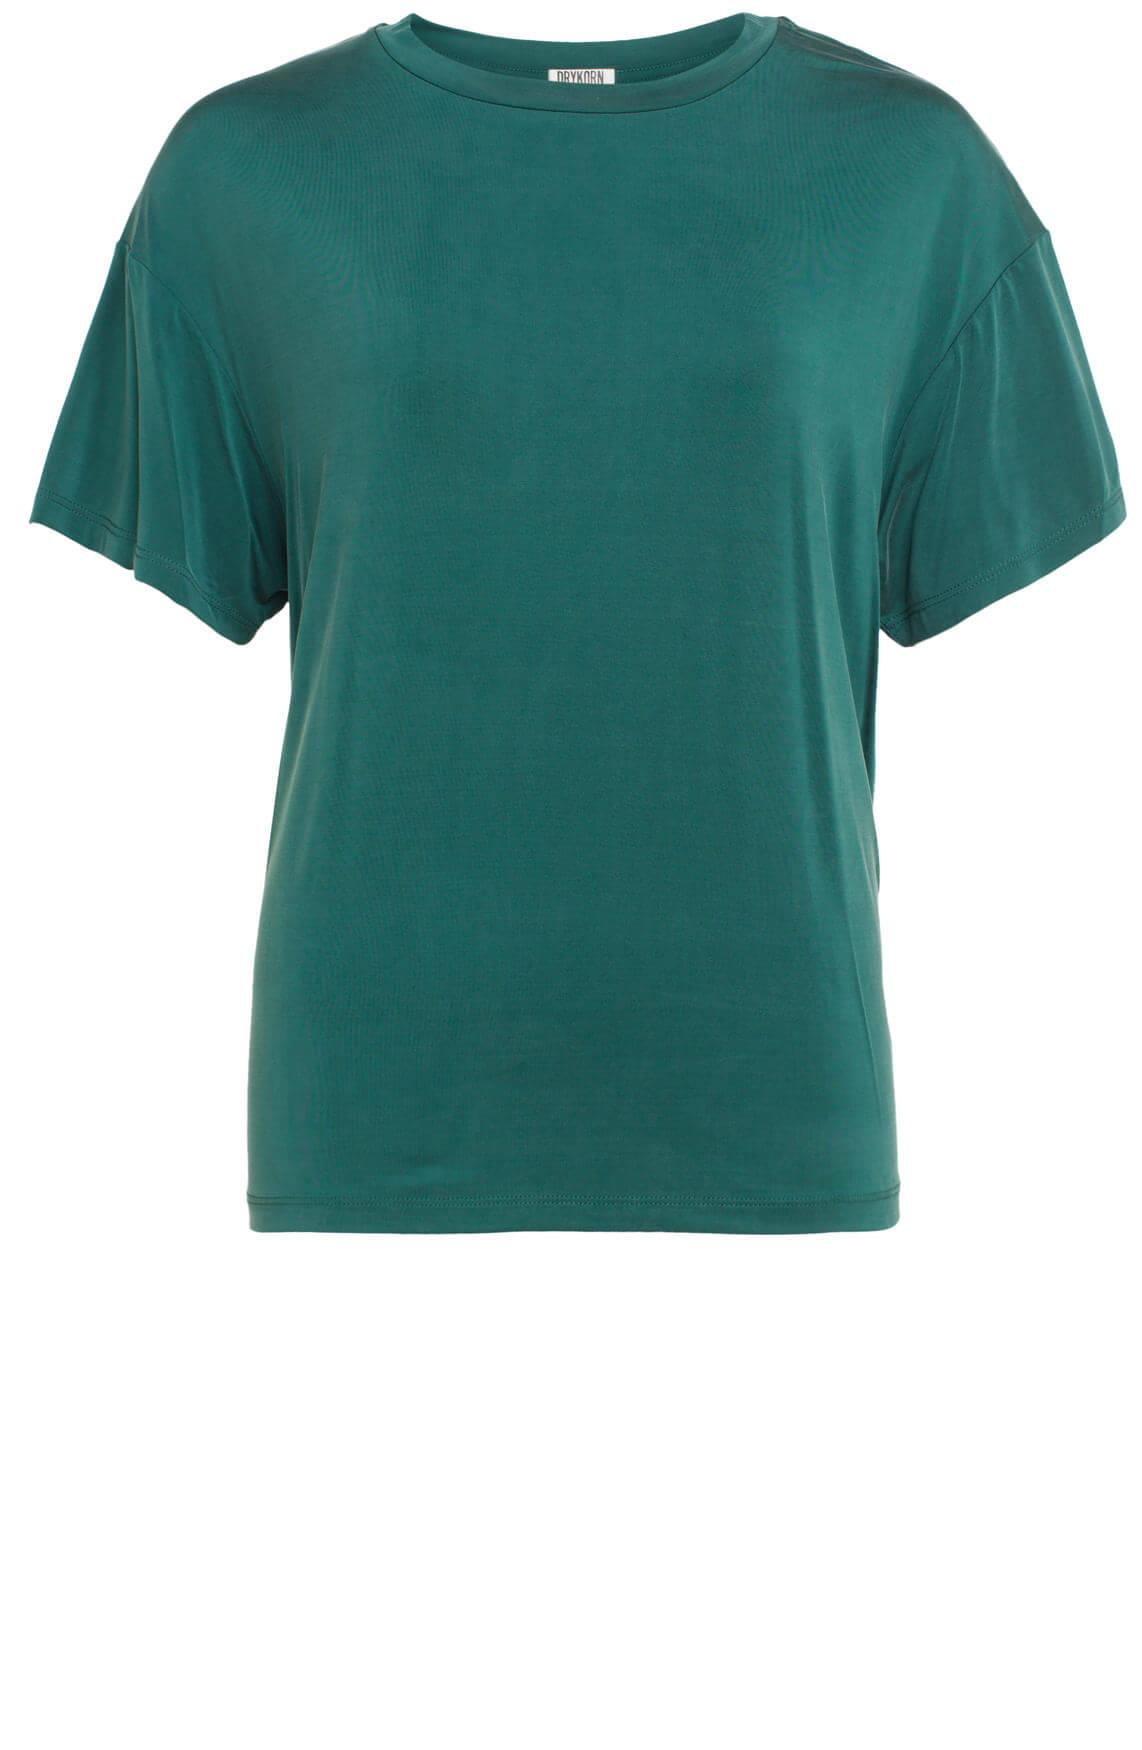 Drykorn Dames Kyla cupro shirt groen